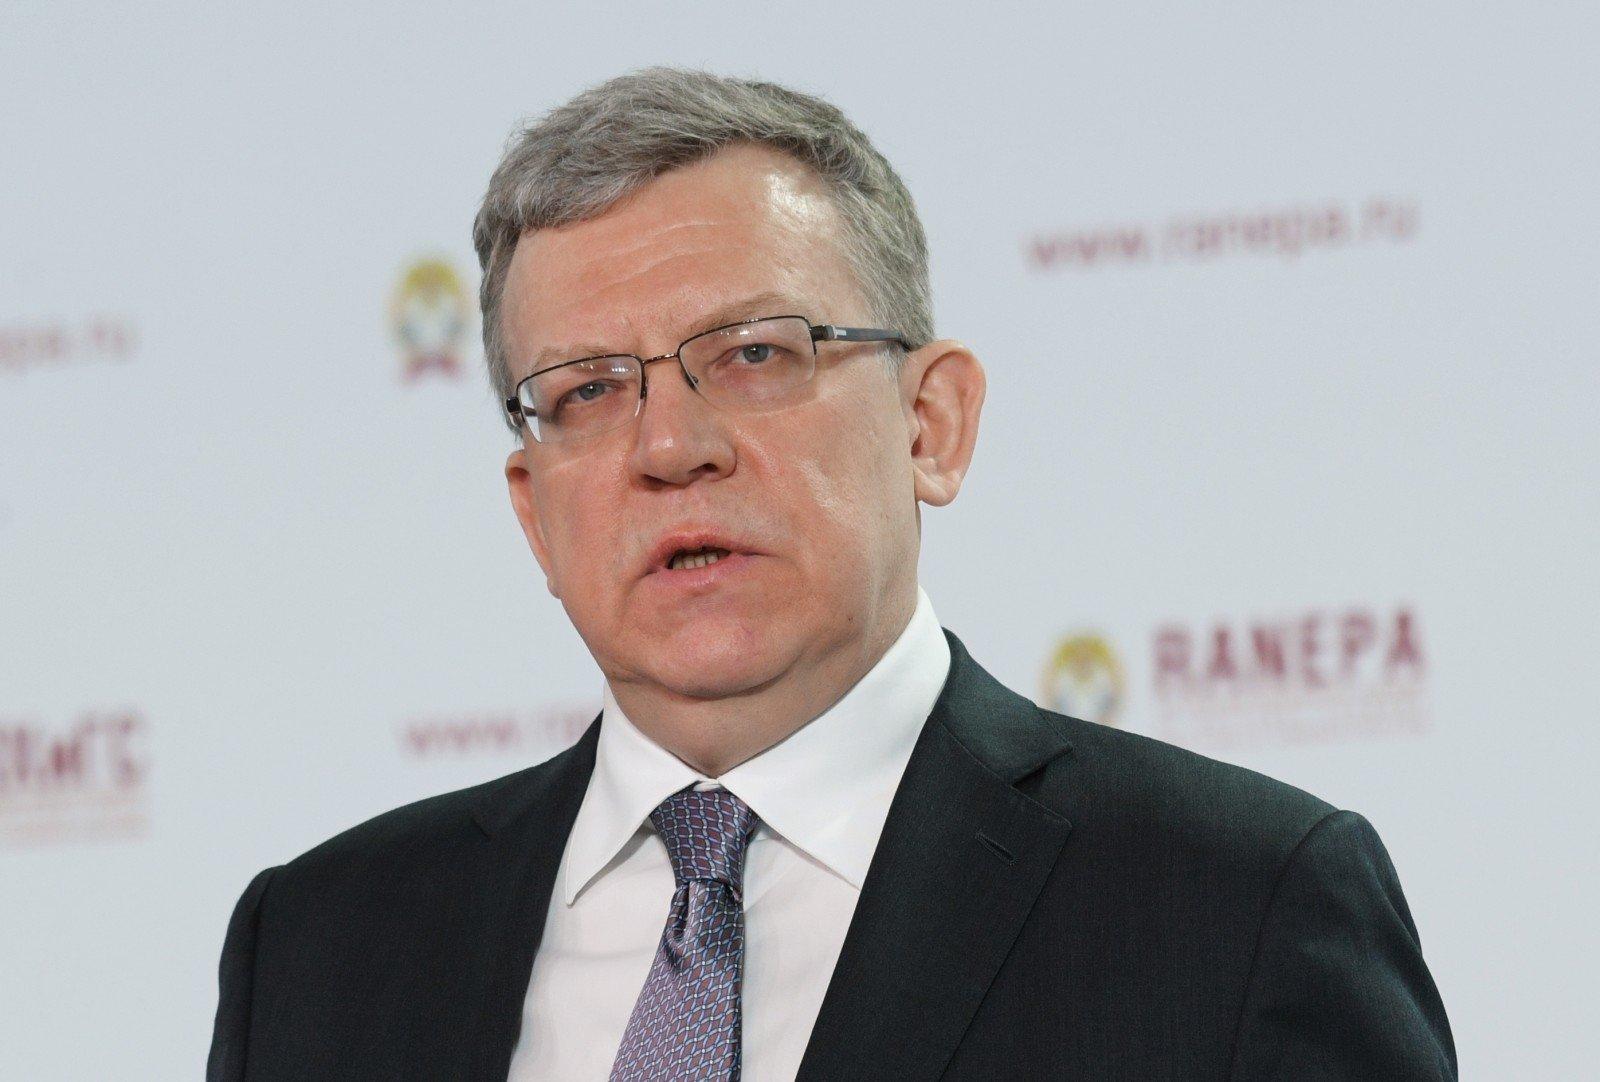 Кудрин назвал систему госуправления Российской Федерации  «старой скрипучей машиной»